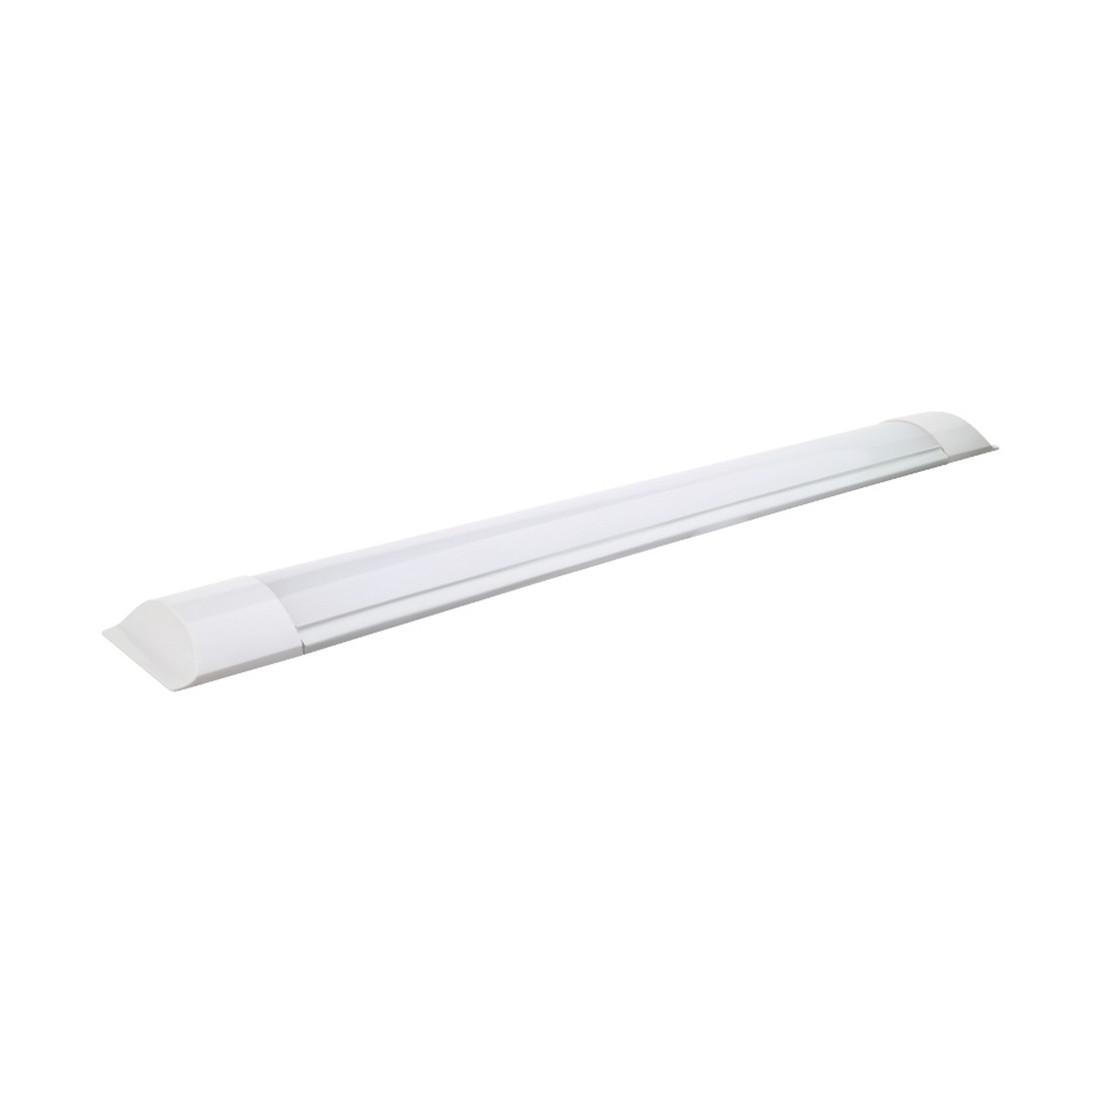 Линейный LED светильник Ultraflash LWL-5028-02 (36Вт., 4500К)